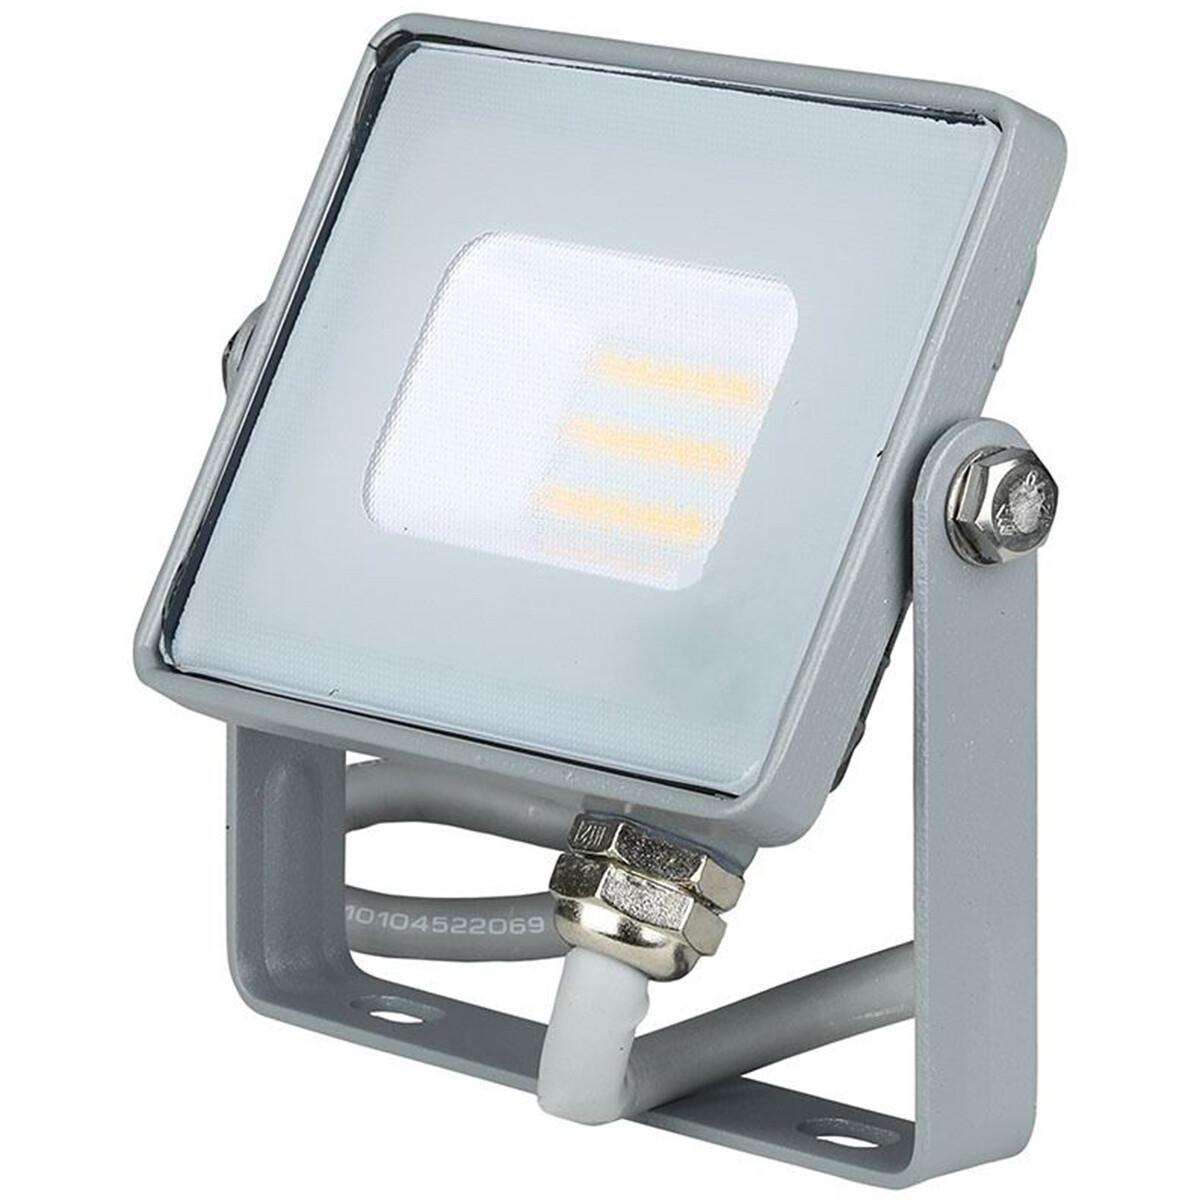 SAMSUNG - LED Bouwlamp 10 Watt - LED Schijnwerper - Viron Dana - Helder/Koud Wit 6400K - Mat Grijs - Aluminium